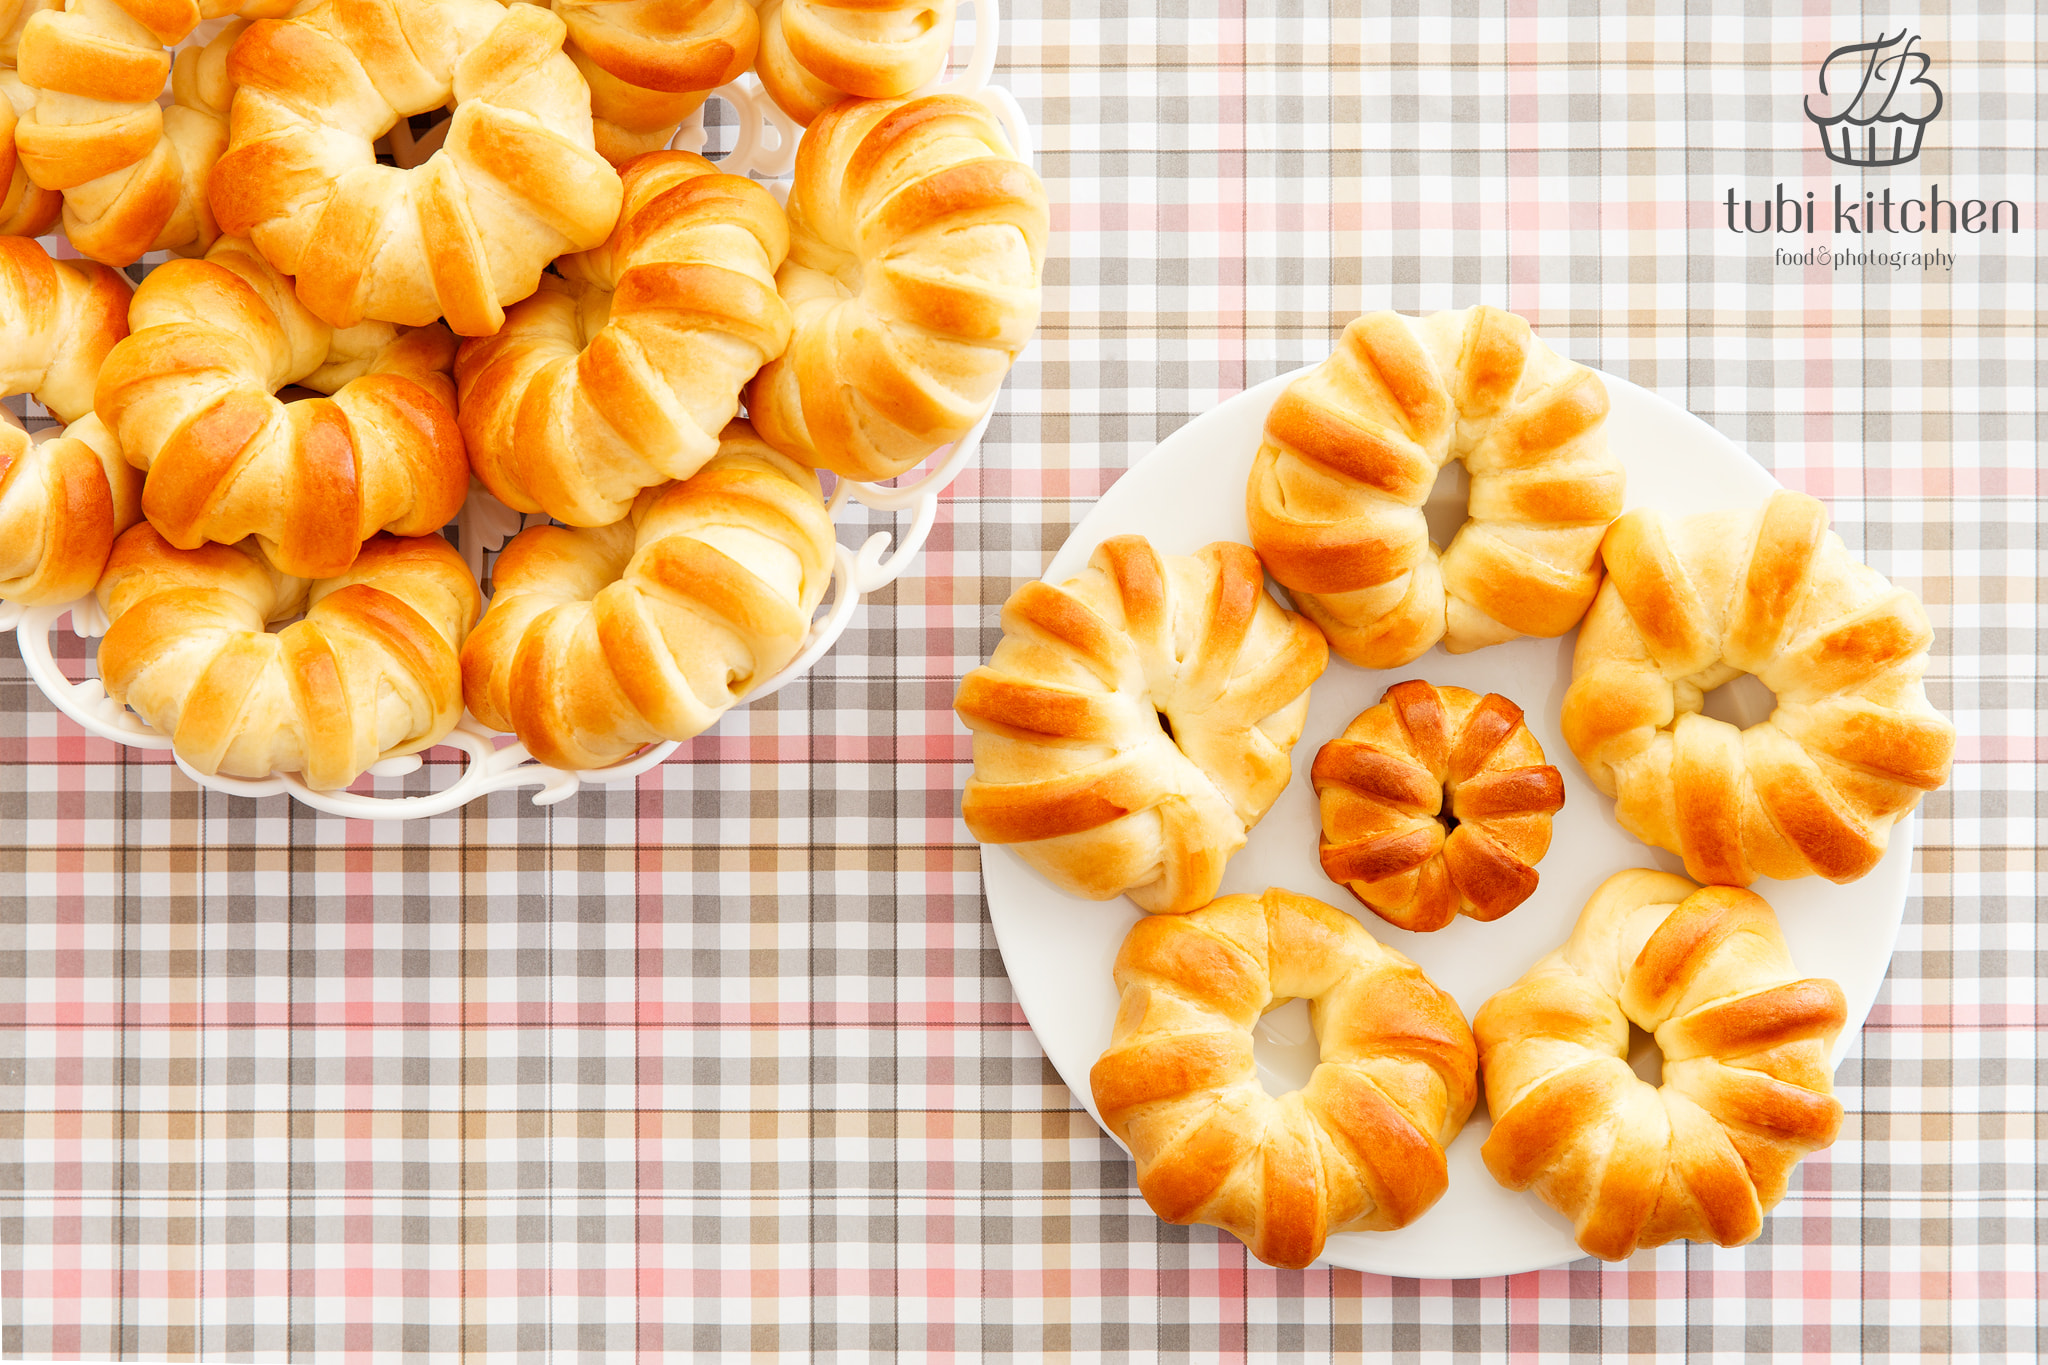 cách làm bánh mì bơ sữa nhân mứt dâu 3 cách làm bánh mì bơ sữa nhân mứt dâu Cách làm bánh mì bơ sữa nhân mứt dâu cho cả nhà vào dịp cuối tuần cach lam banh mi bo sua nhan mut dau 3